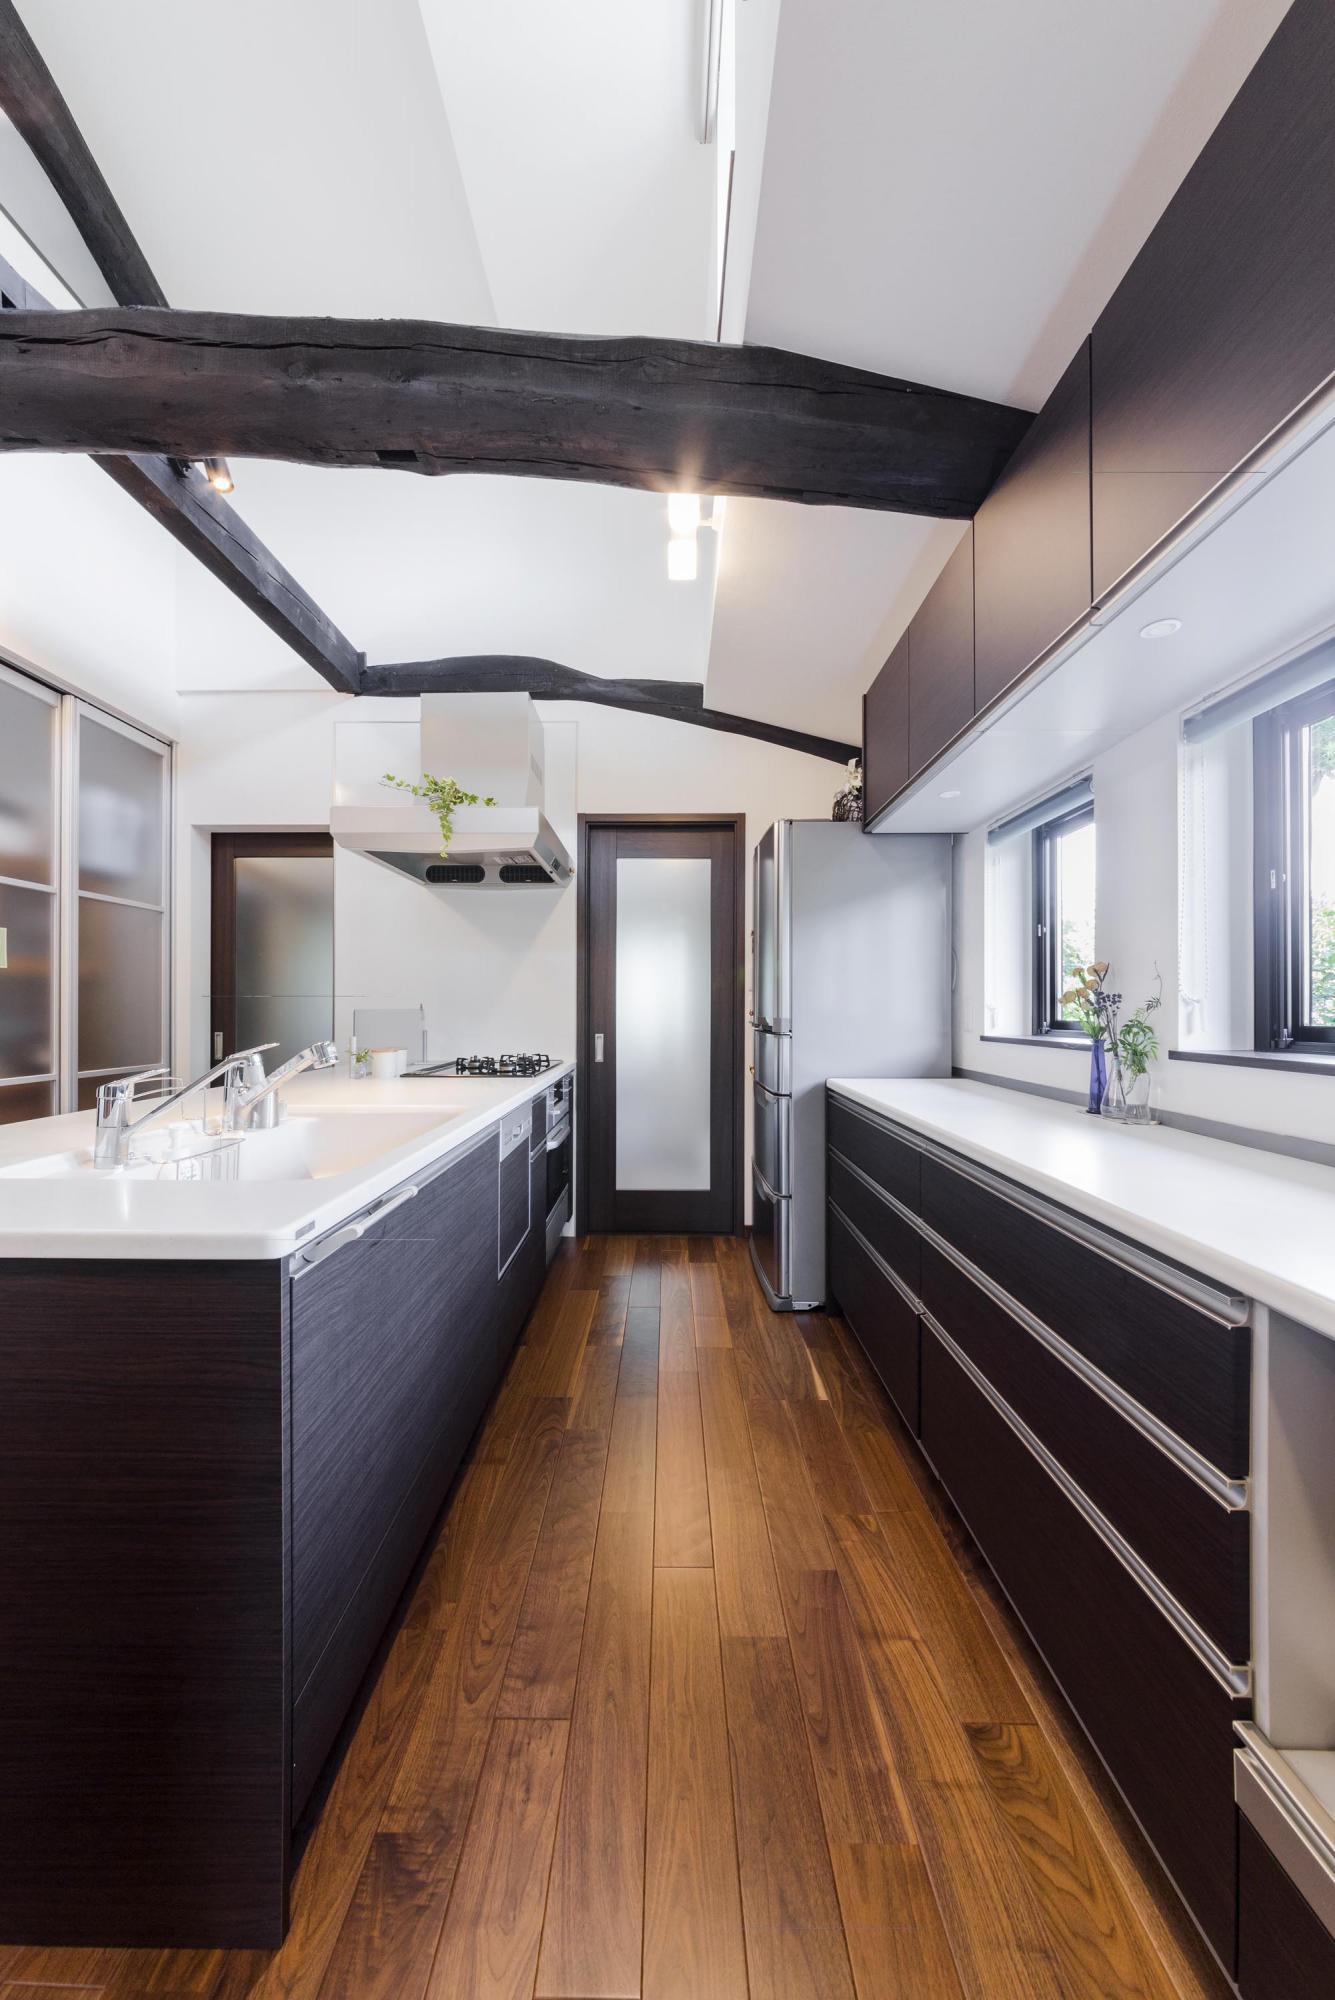 キッチンはアイランド型を採用。右壁には十分に収納量を確保したカップボードを。左壁には物入れを設け、既存の食器棚を収められるようにした。正面の2つ扉は勝手口へと続いている。